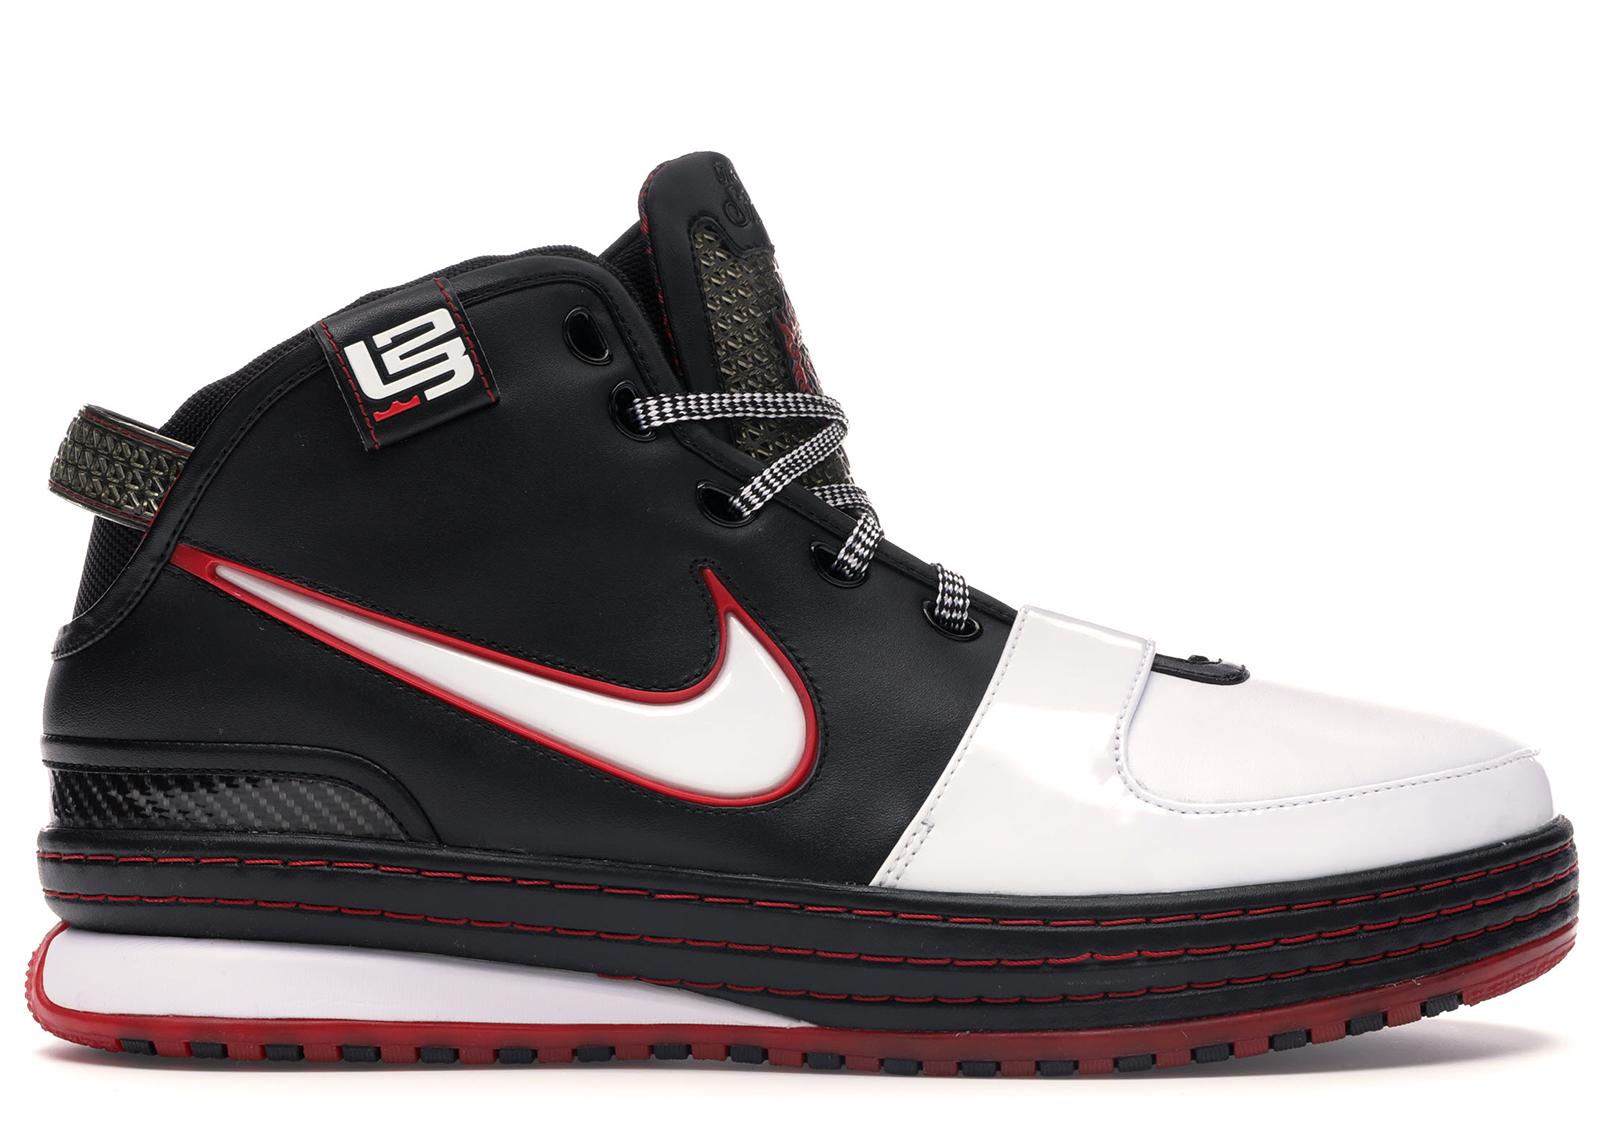 Nike LeBron 6 Bred - 346526-101